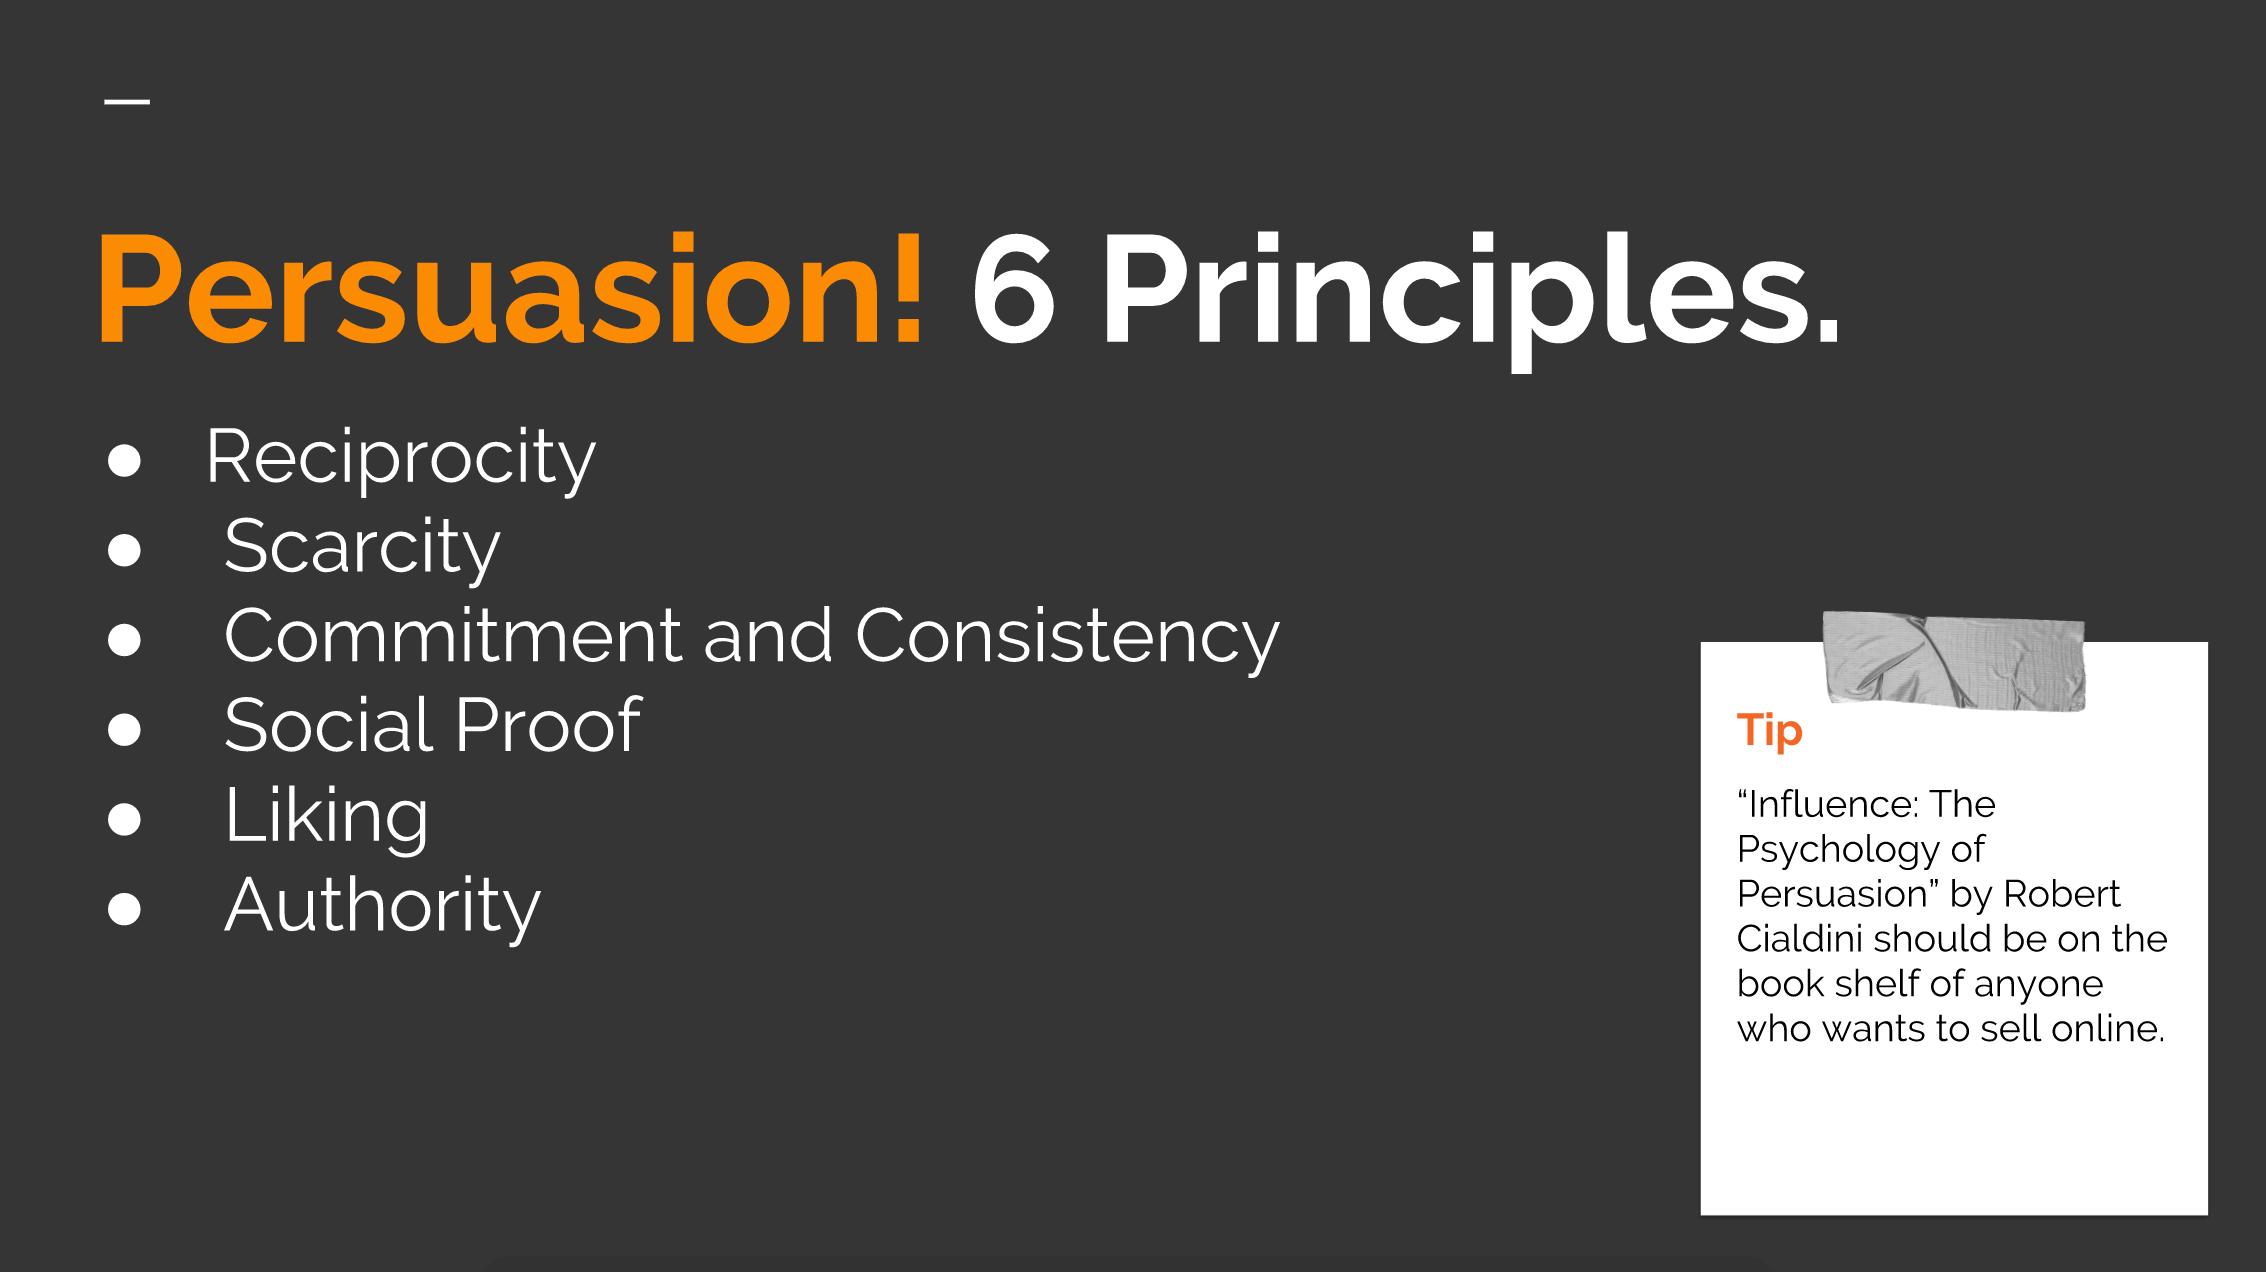 Persuasion! 6 Principles